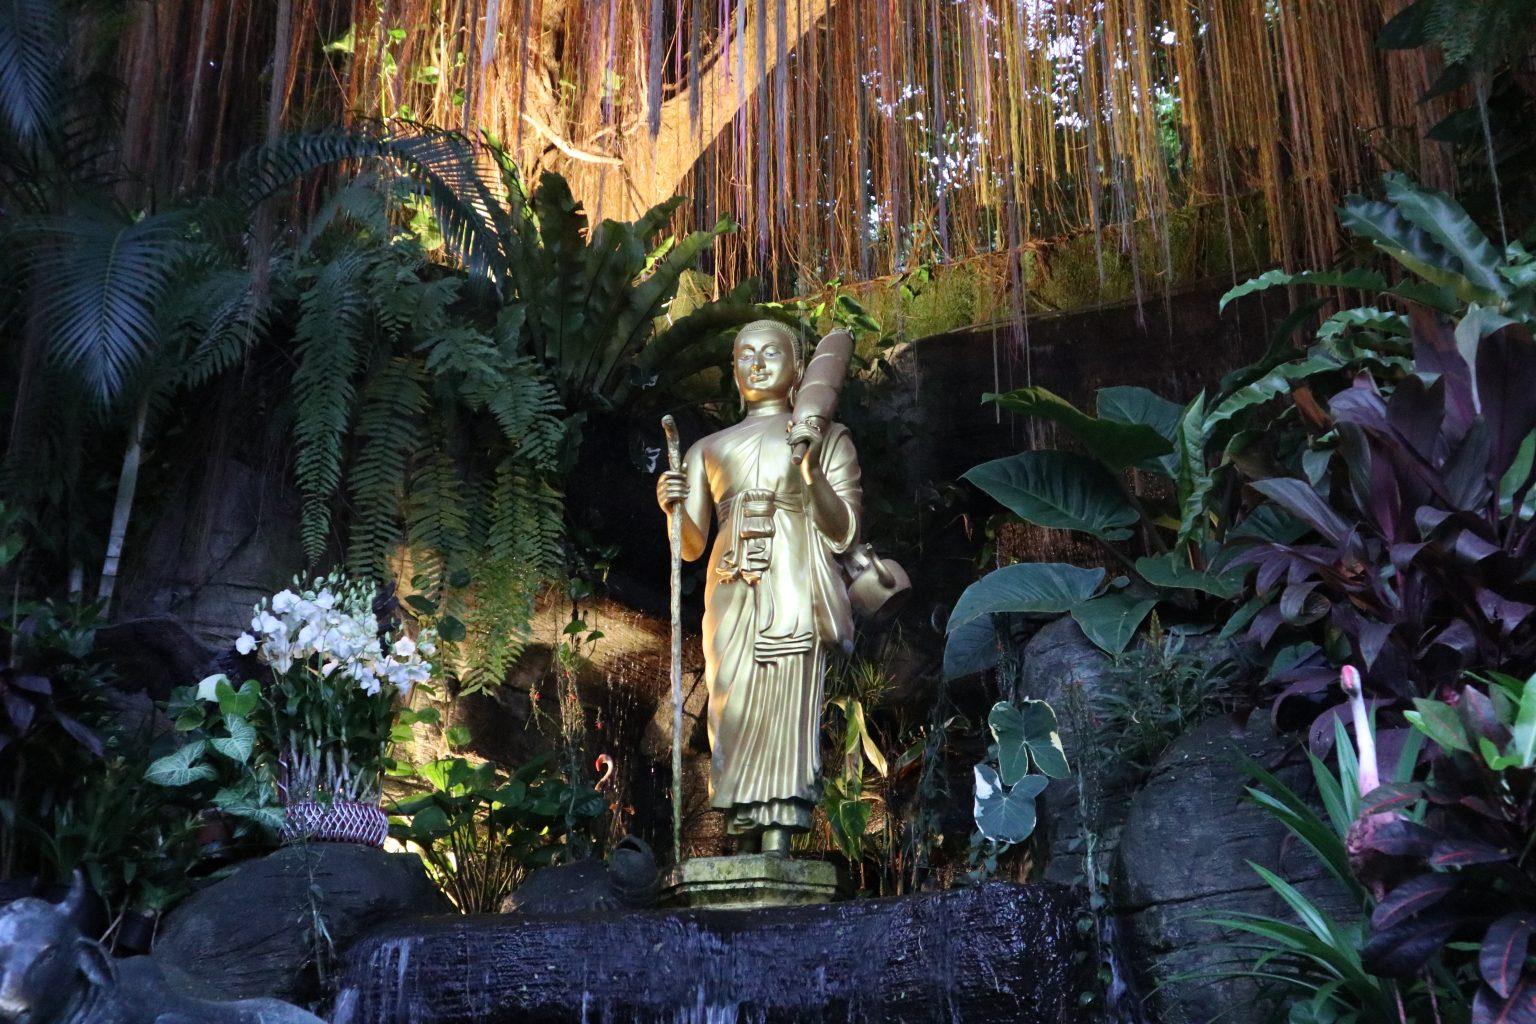 Inicio de la subida a Golden Mountain. Templos de Bangkok